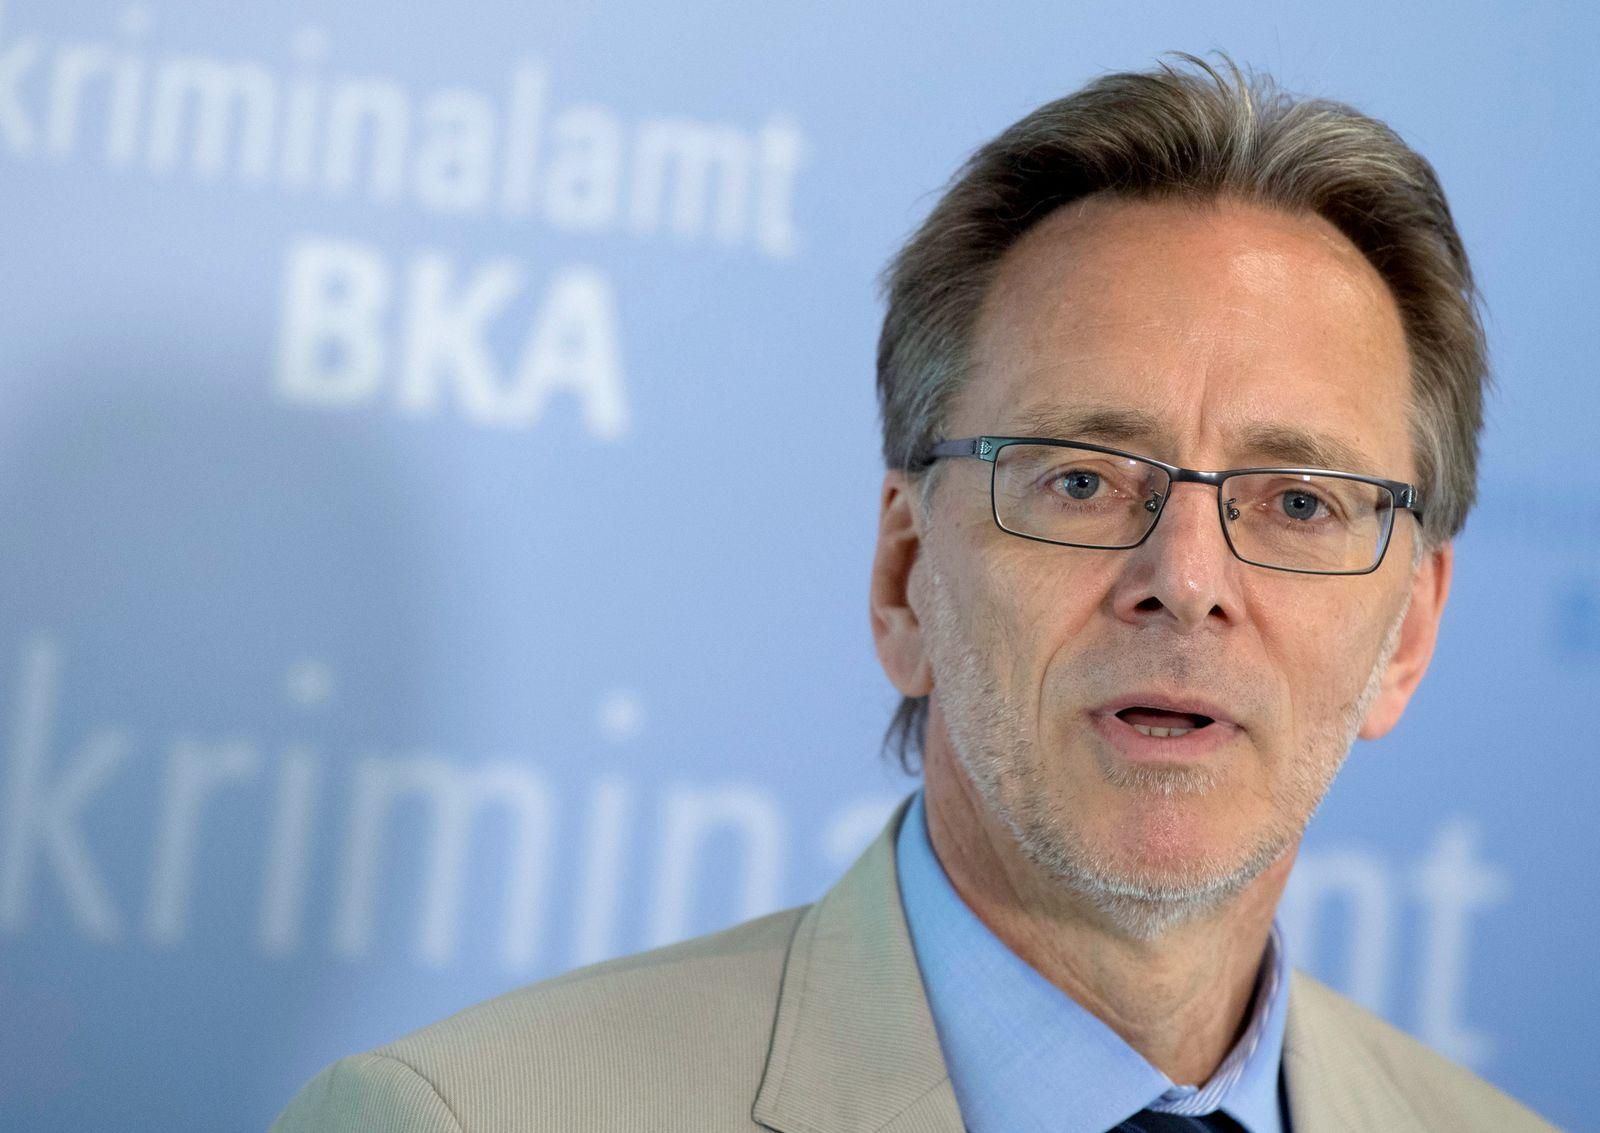 BKA stellt Bericht zur organisierten Kriminalität vor